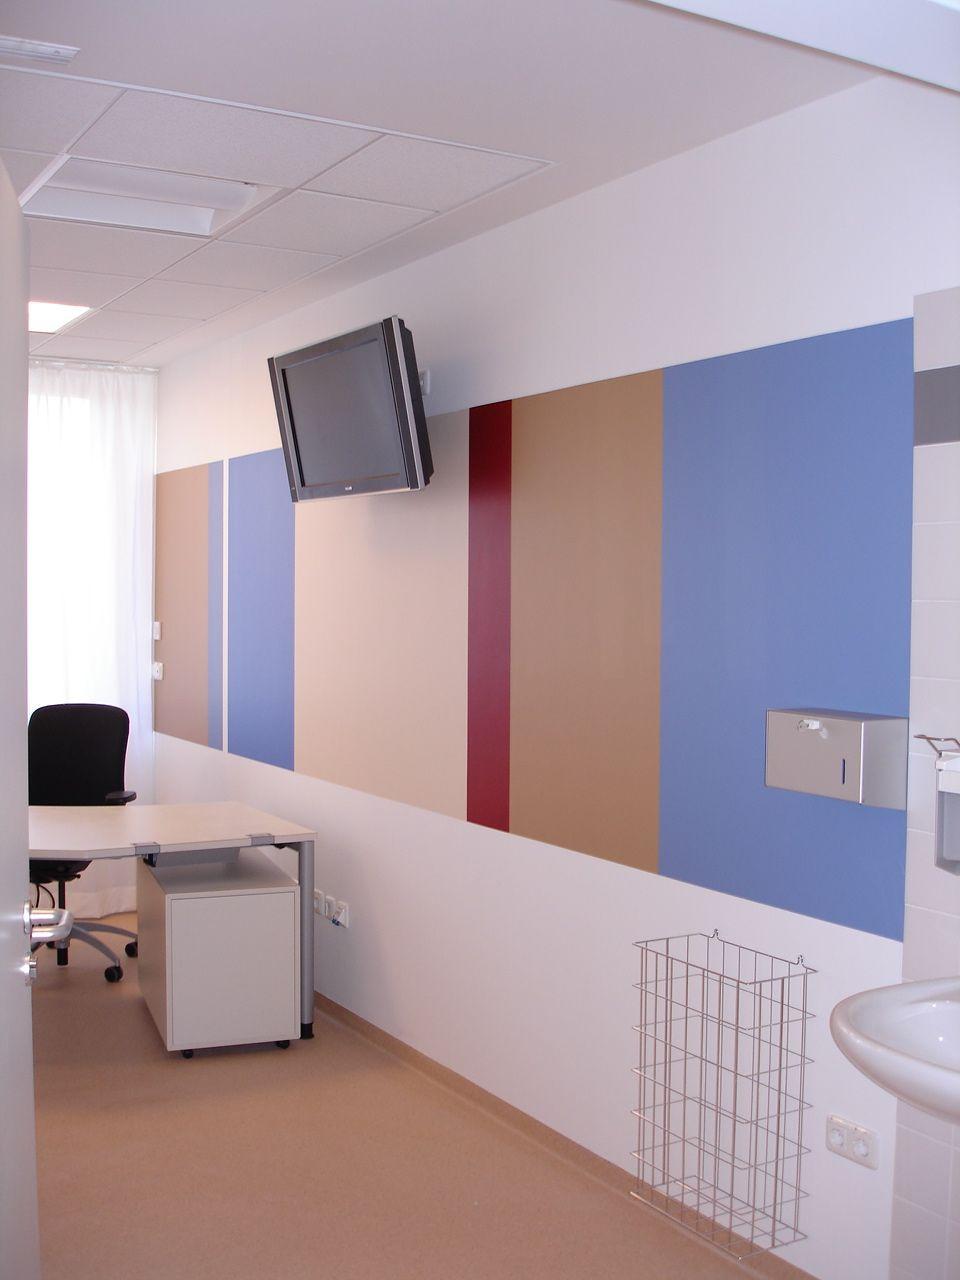 Praxis für Pränatalmedizin Bremen, Farbgestaltung